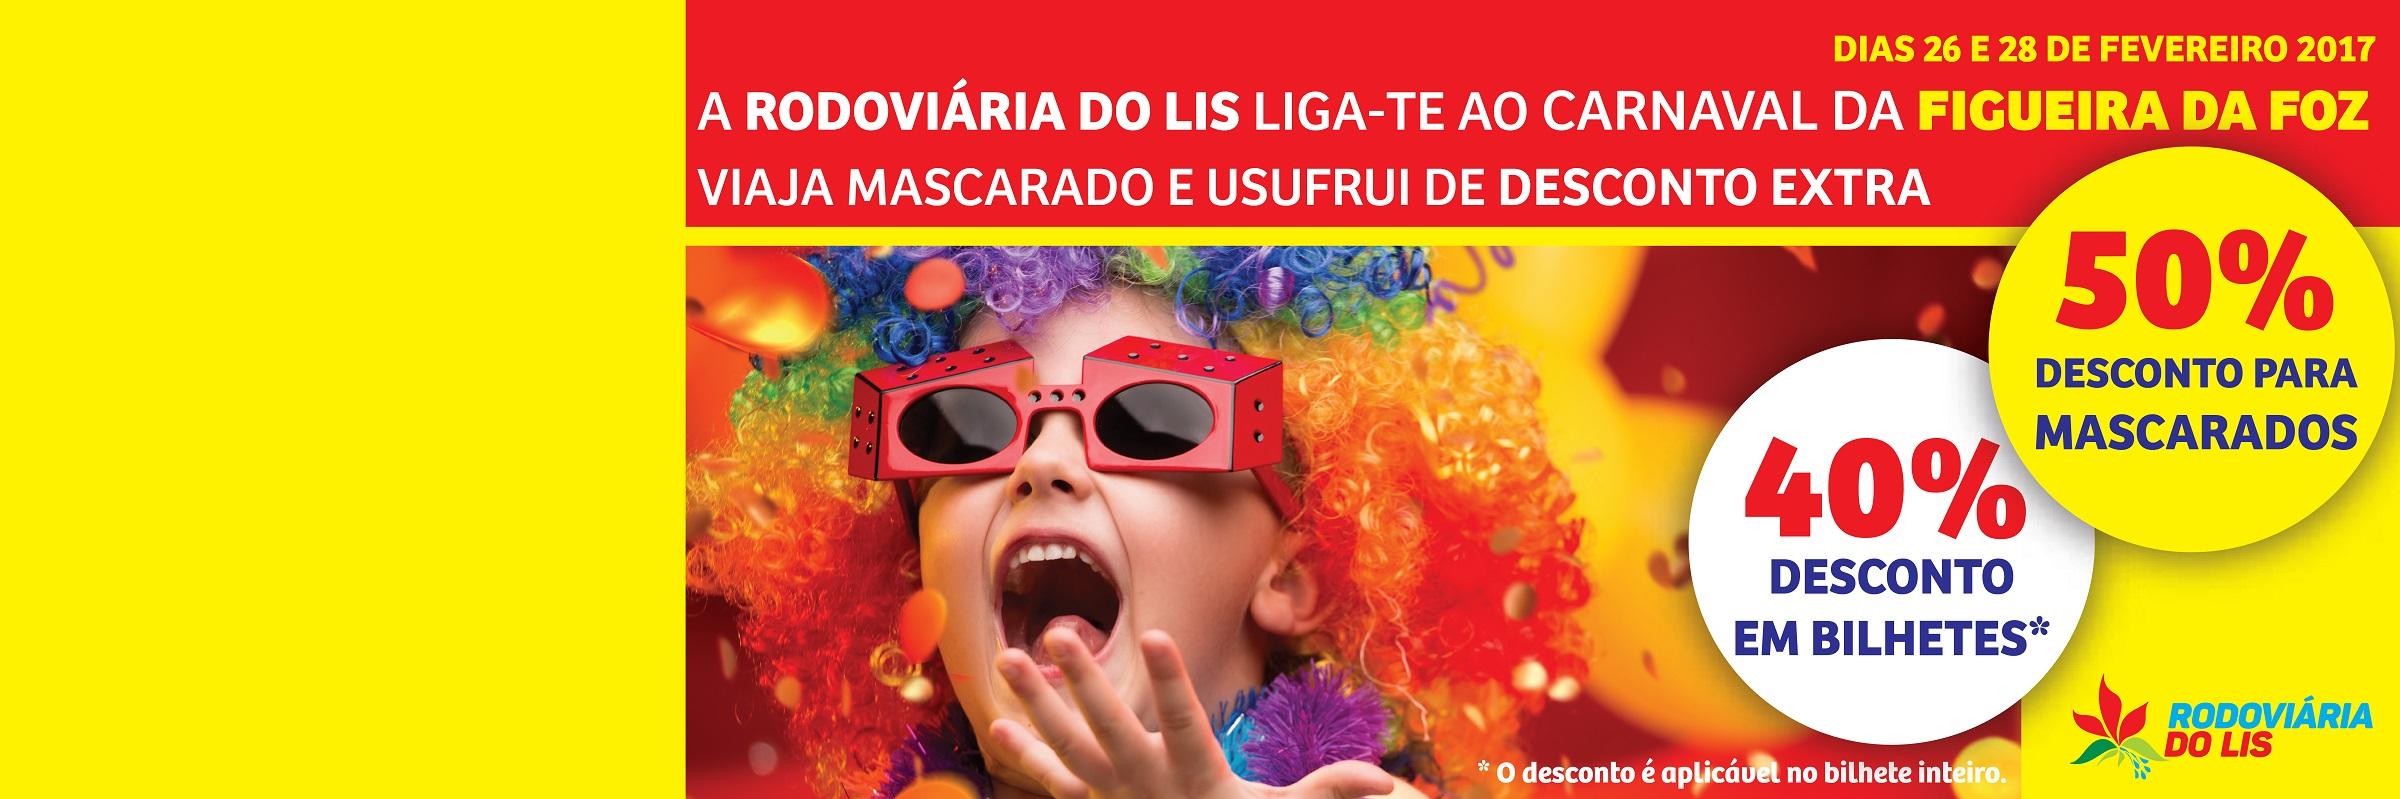 banner_carnaval-ffoz-ok